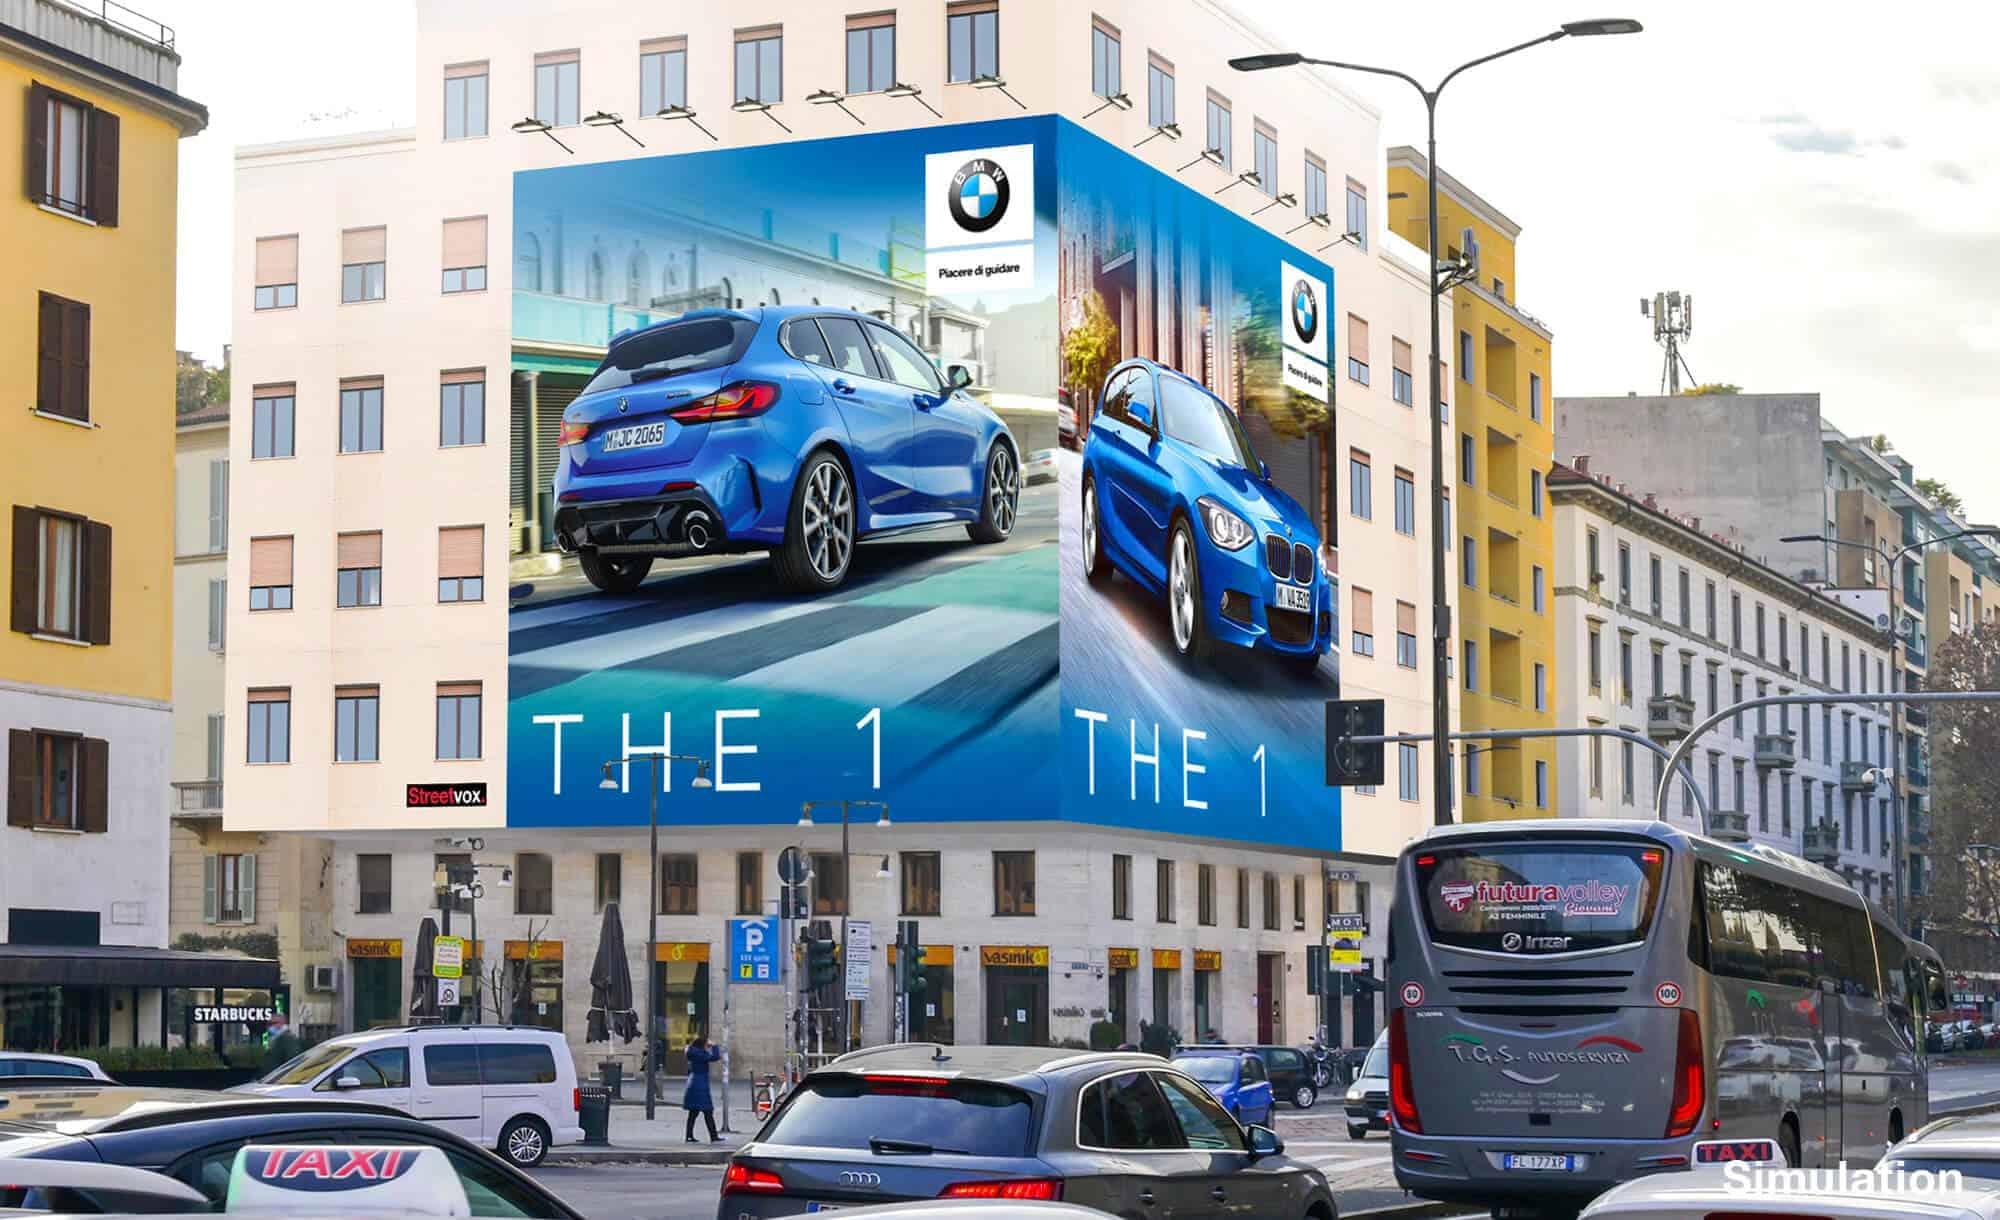 Maxi Affissione a Milano in Piazza XXV Aprile 1 con BMW (Automotive)